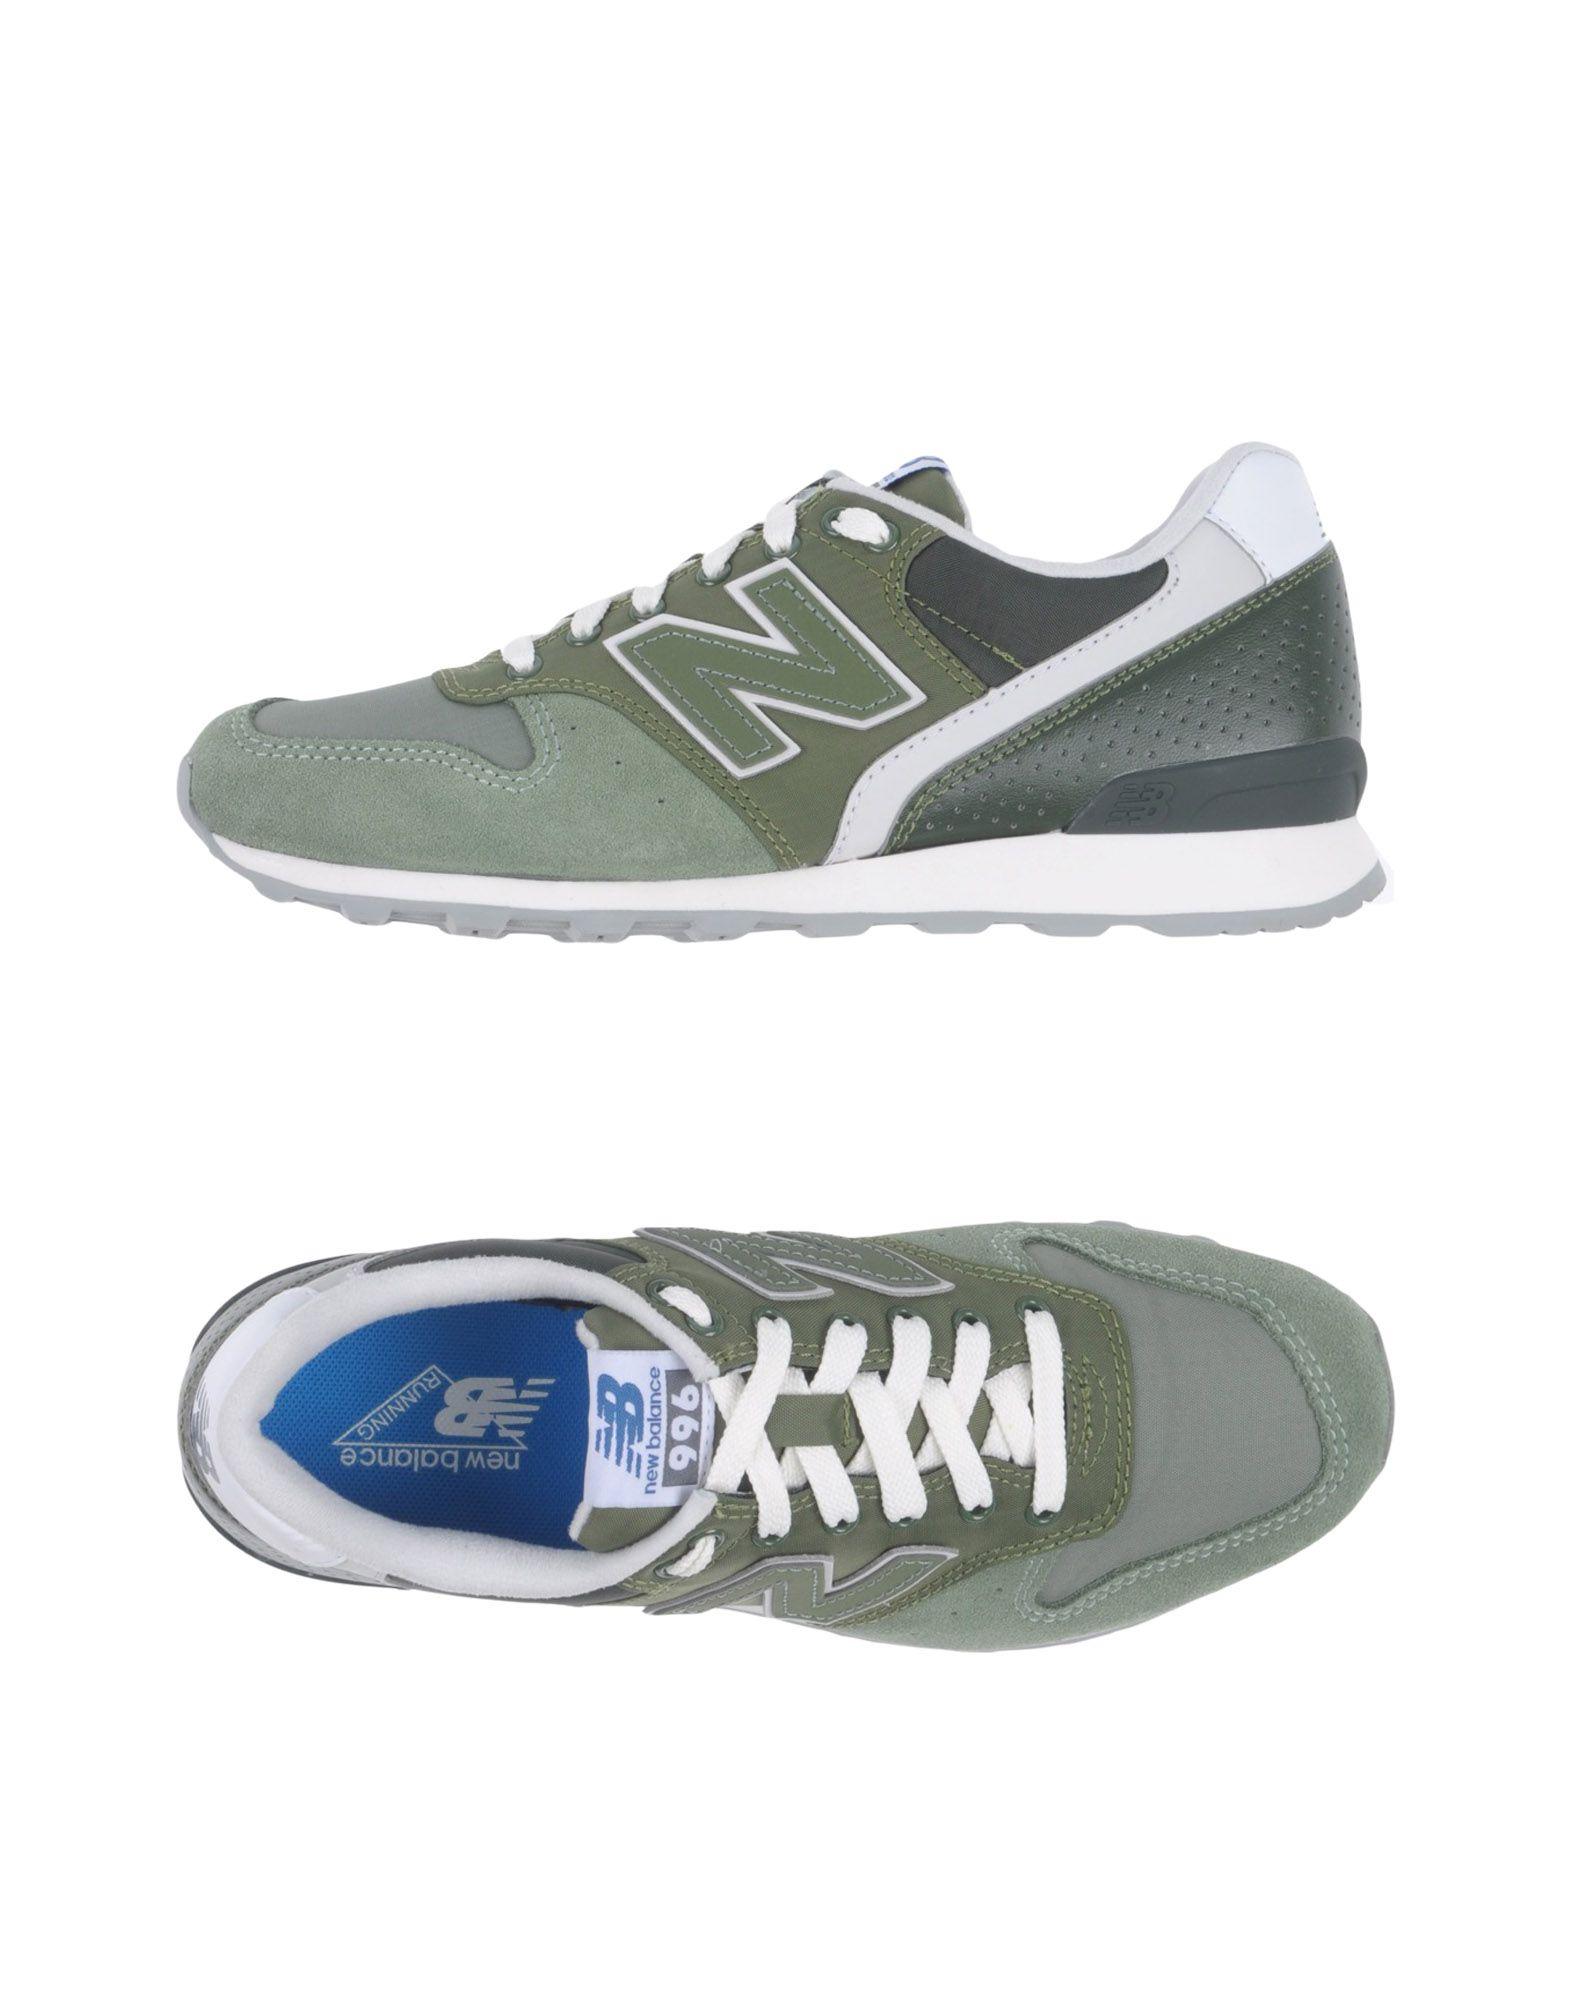 New Balance Sneakers Damen  11387910JI